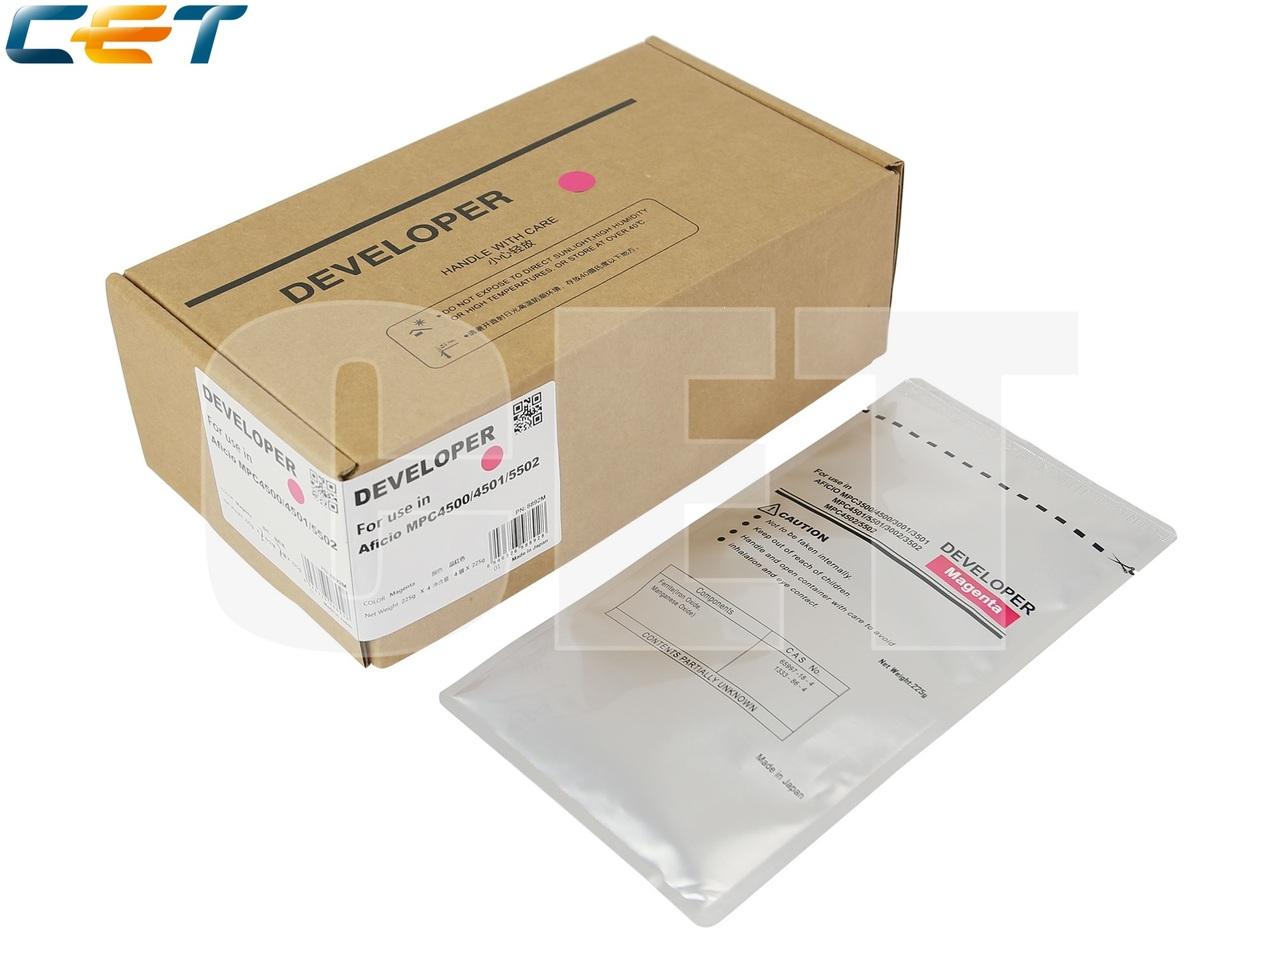 Девелопер для RICOH Aficio MPC4500/4501/5502 (CET)Magenta, 225г, 160000 стр., CET8892M